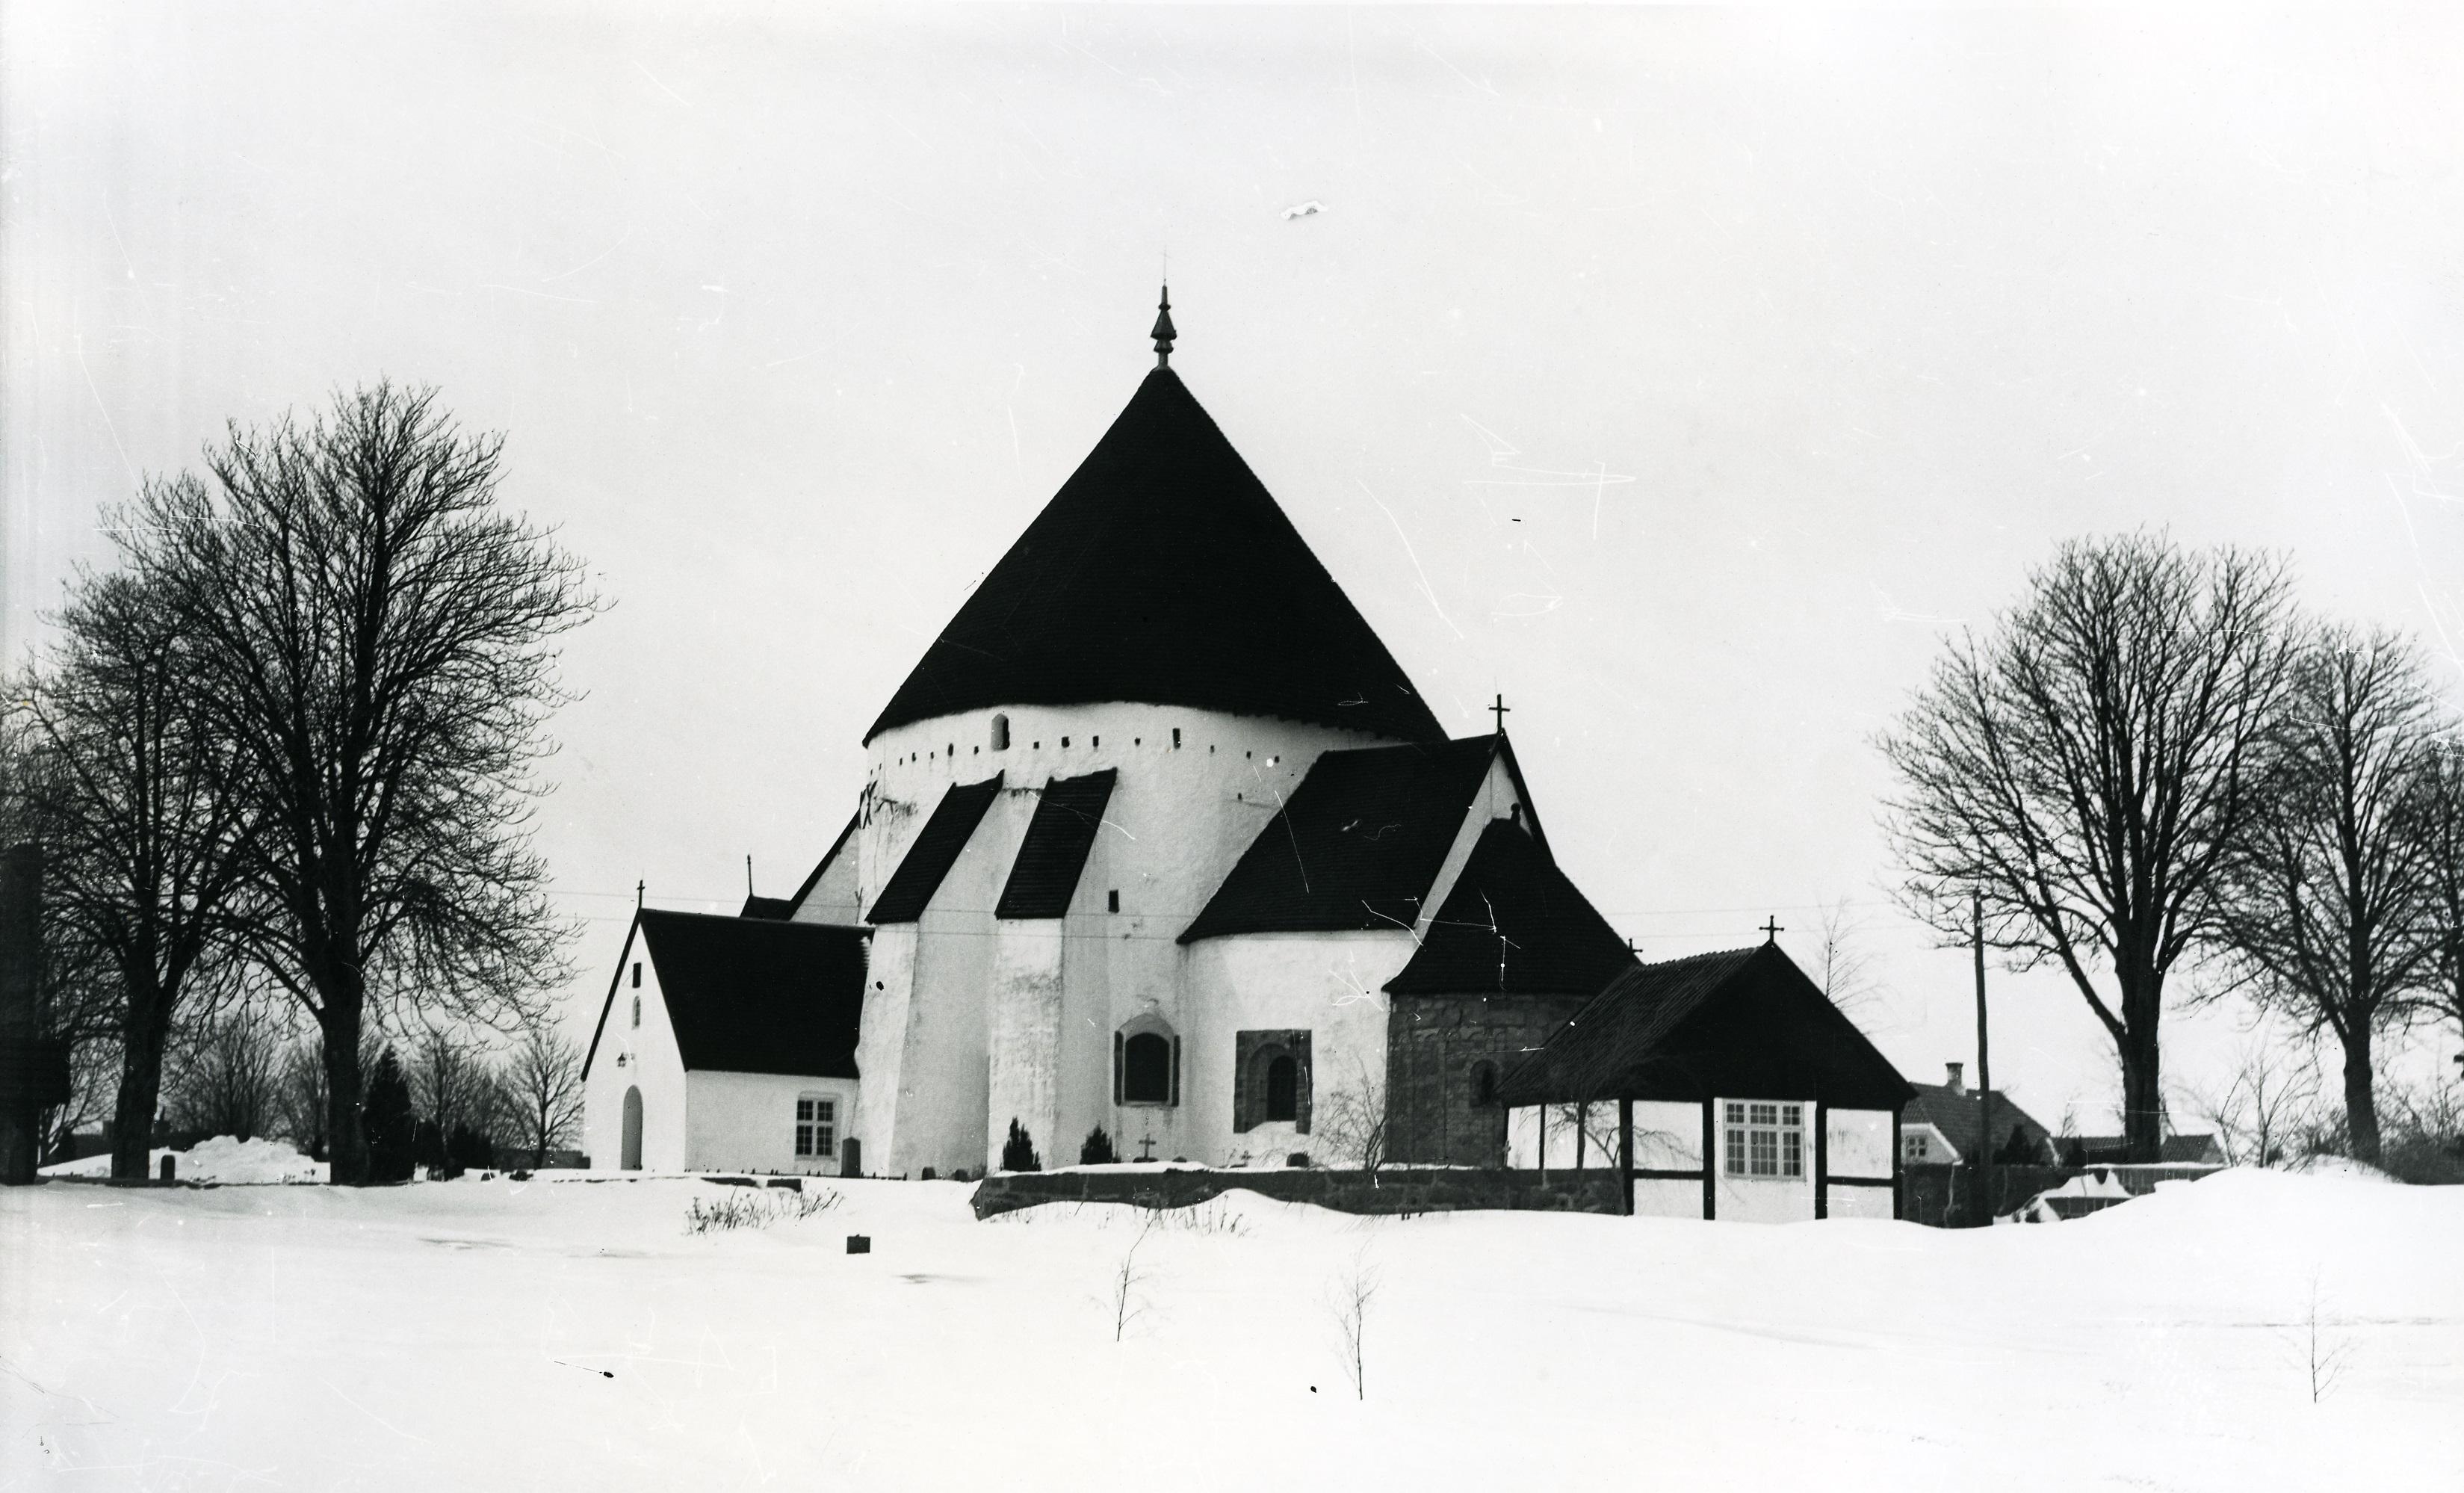 østerlars gudhjem kirke